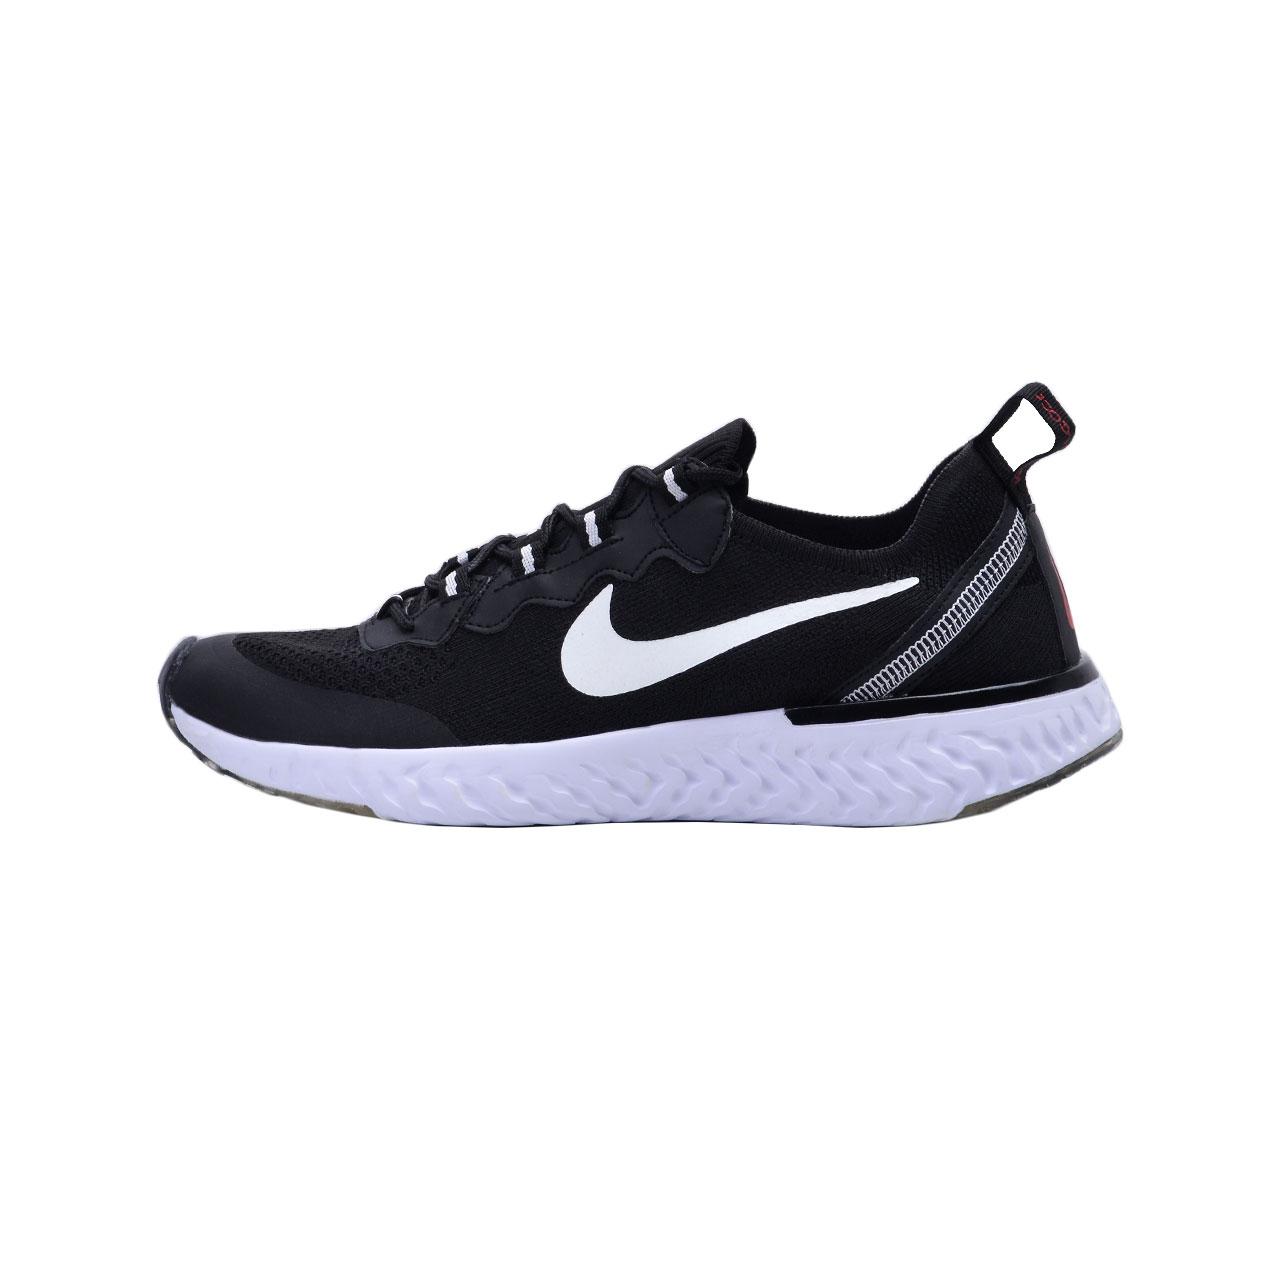 کفش مخصوص پیاده روی مردانه کد 110-2